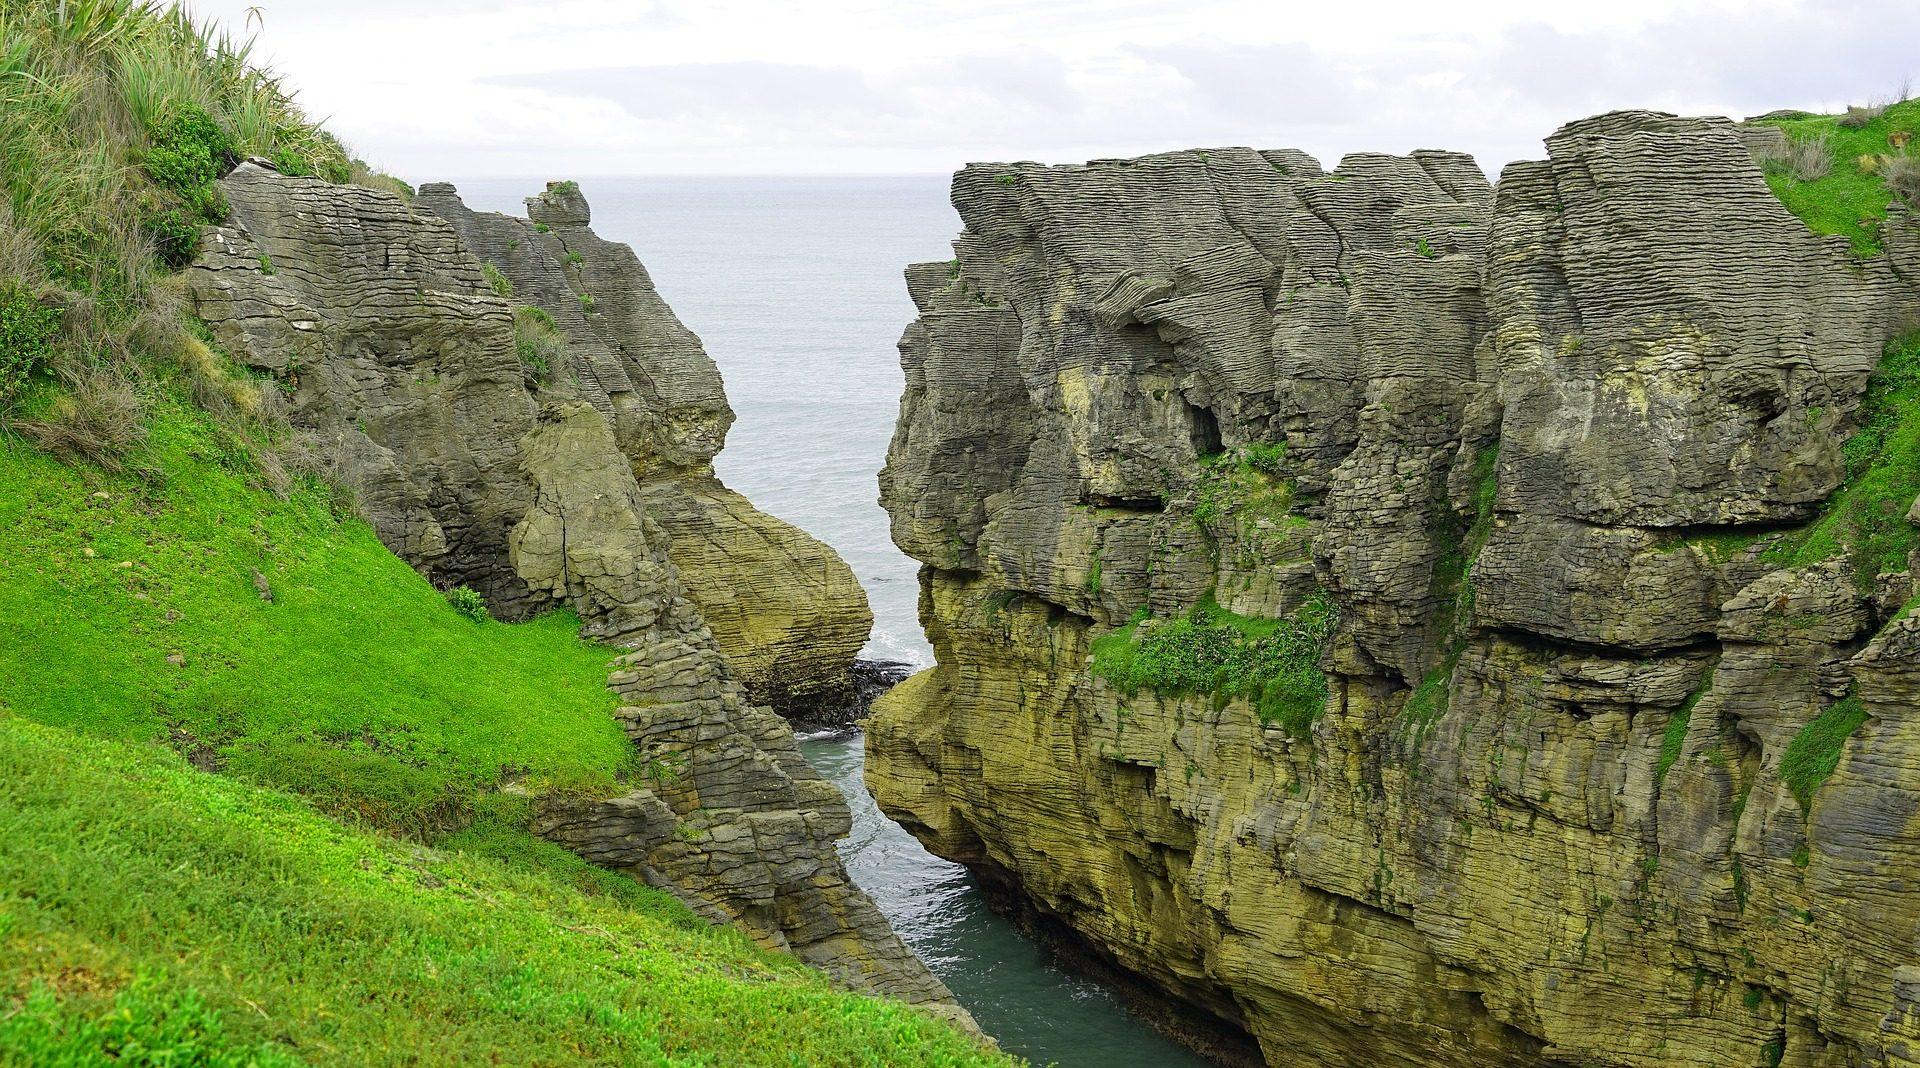 كليف, كوستا, البحر, فطيرة الصخور, نيوزيلندا - خلفيات عالية الدقة - أستاذ falken.com